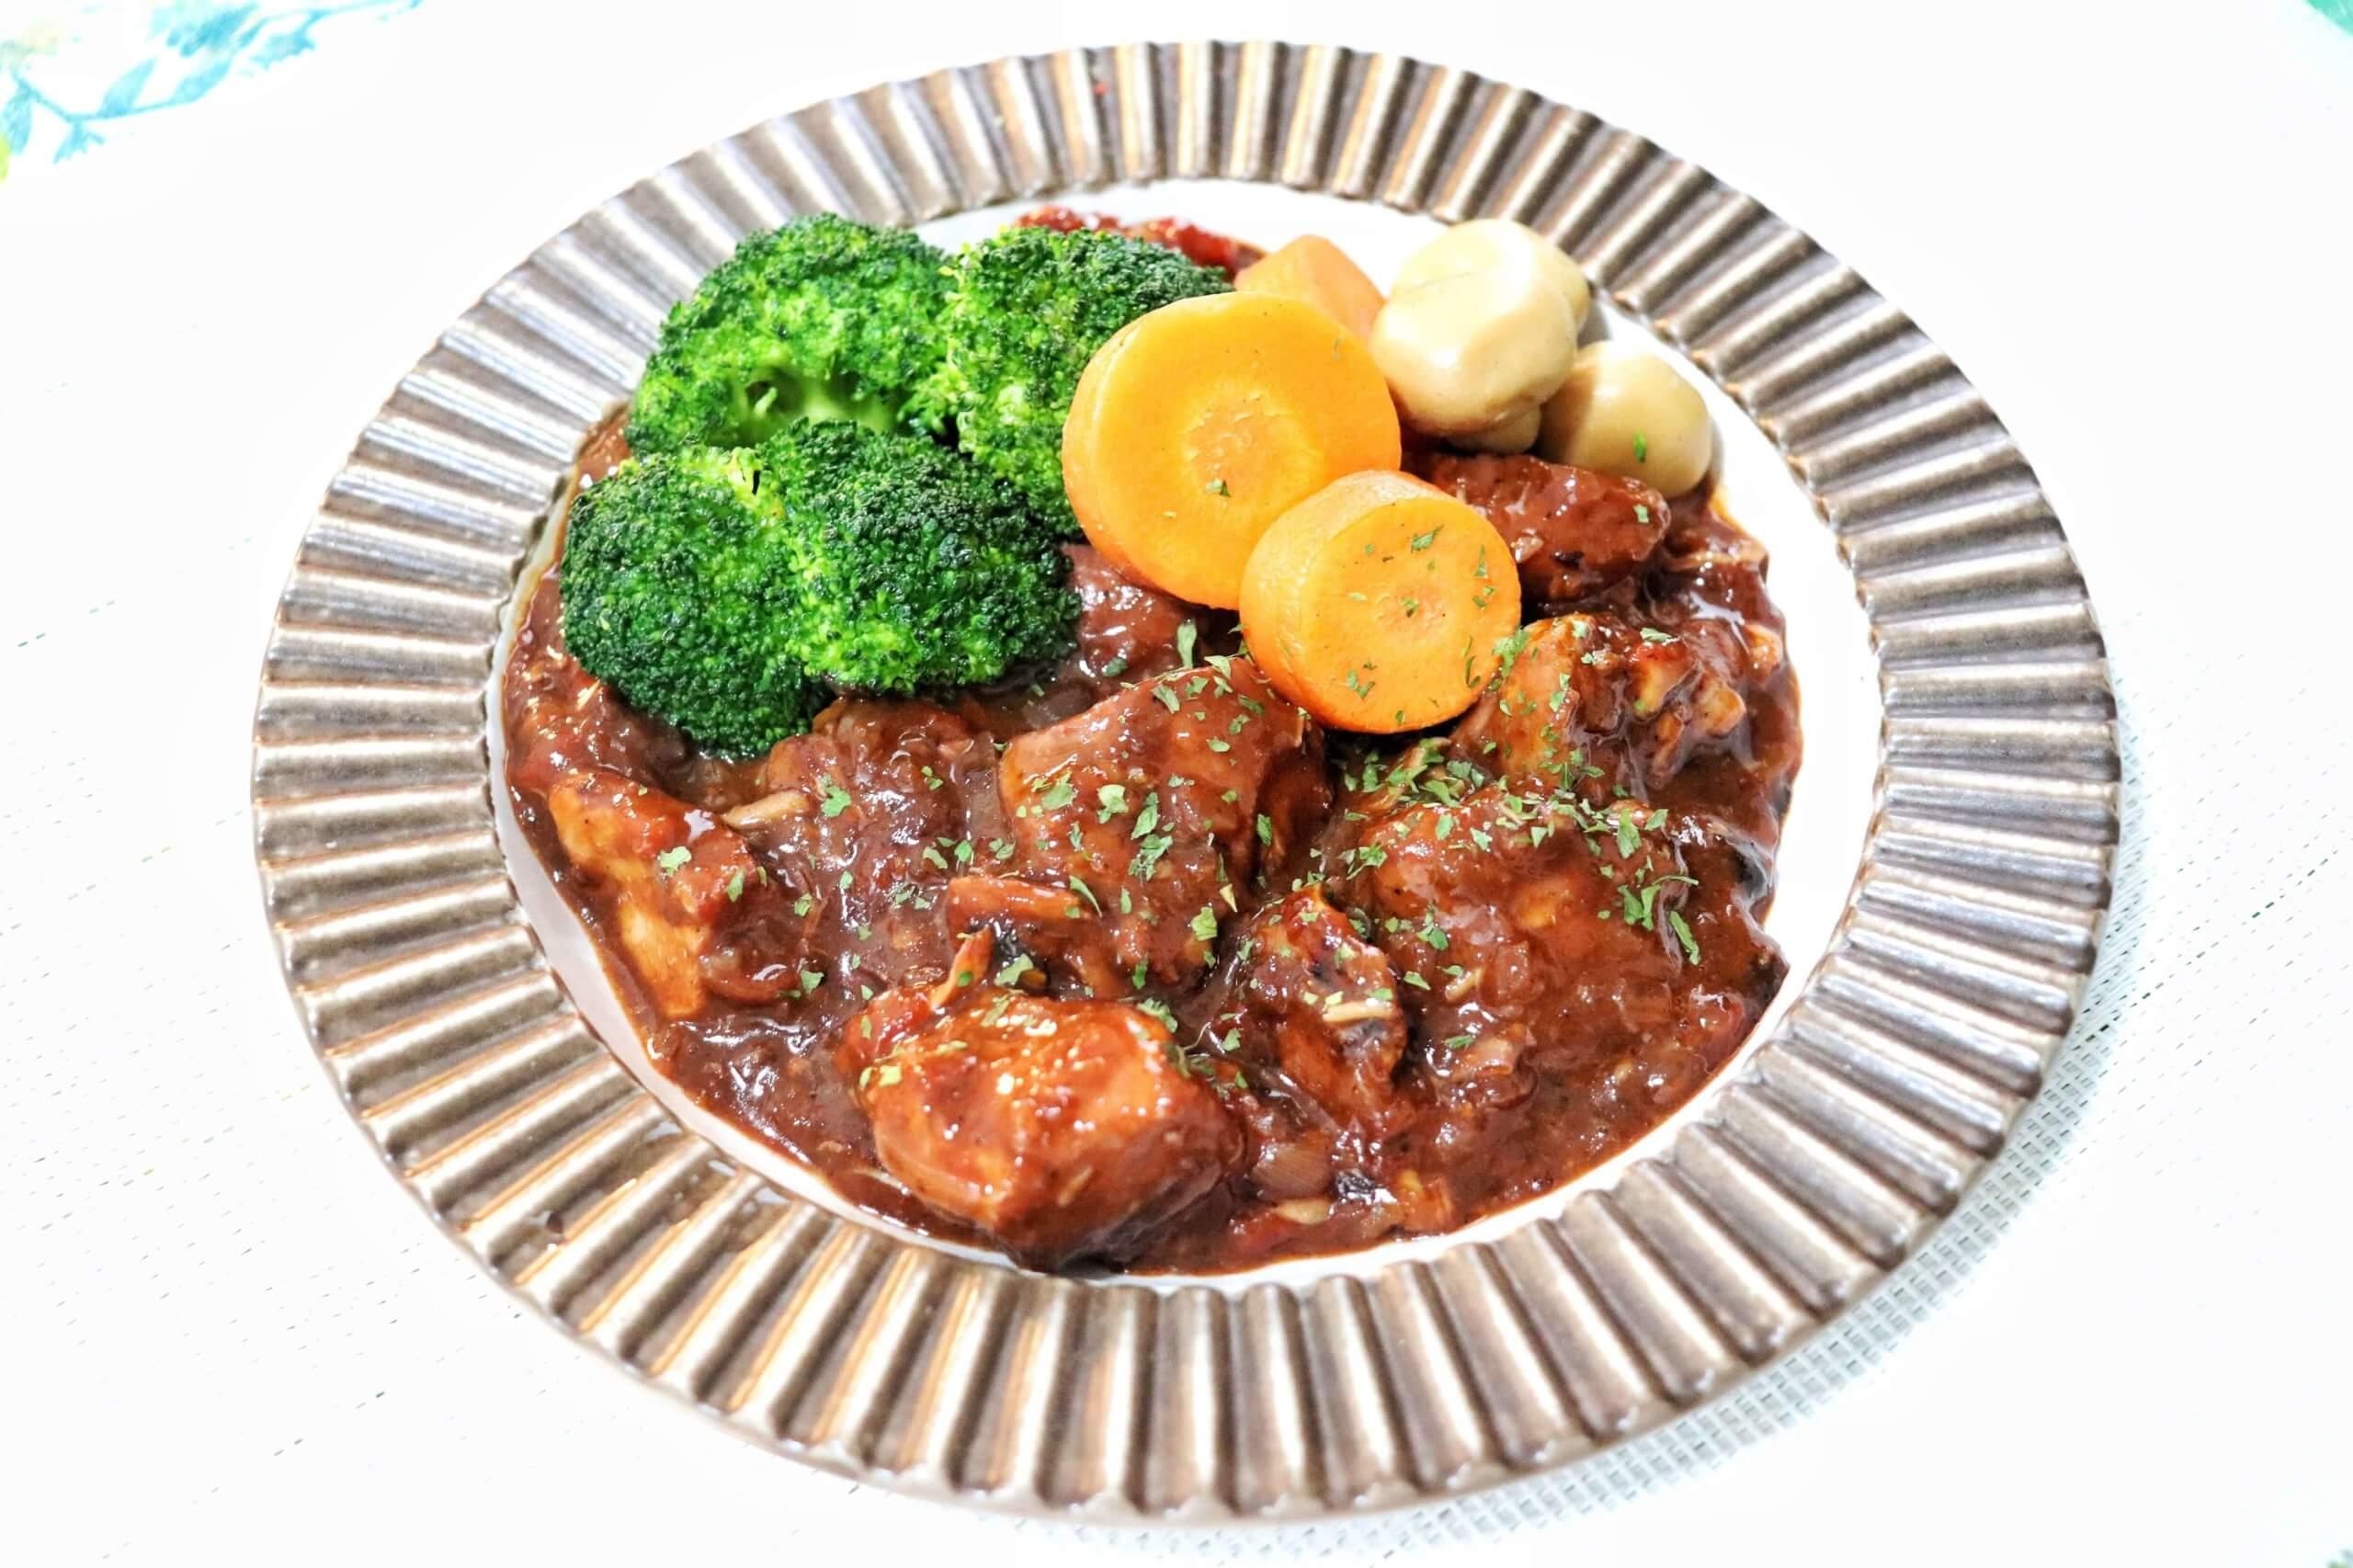 鶏胸肉とトマトの赤ワイン煮込み